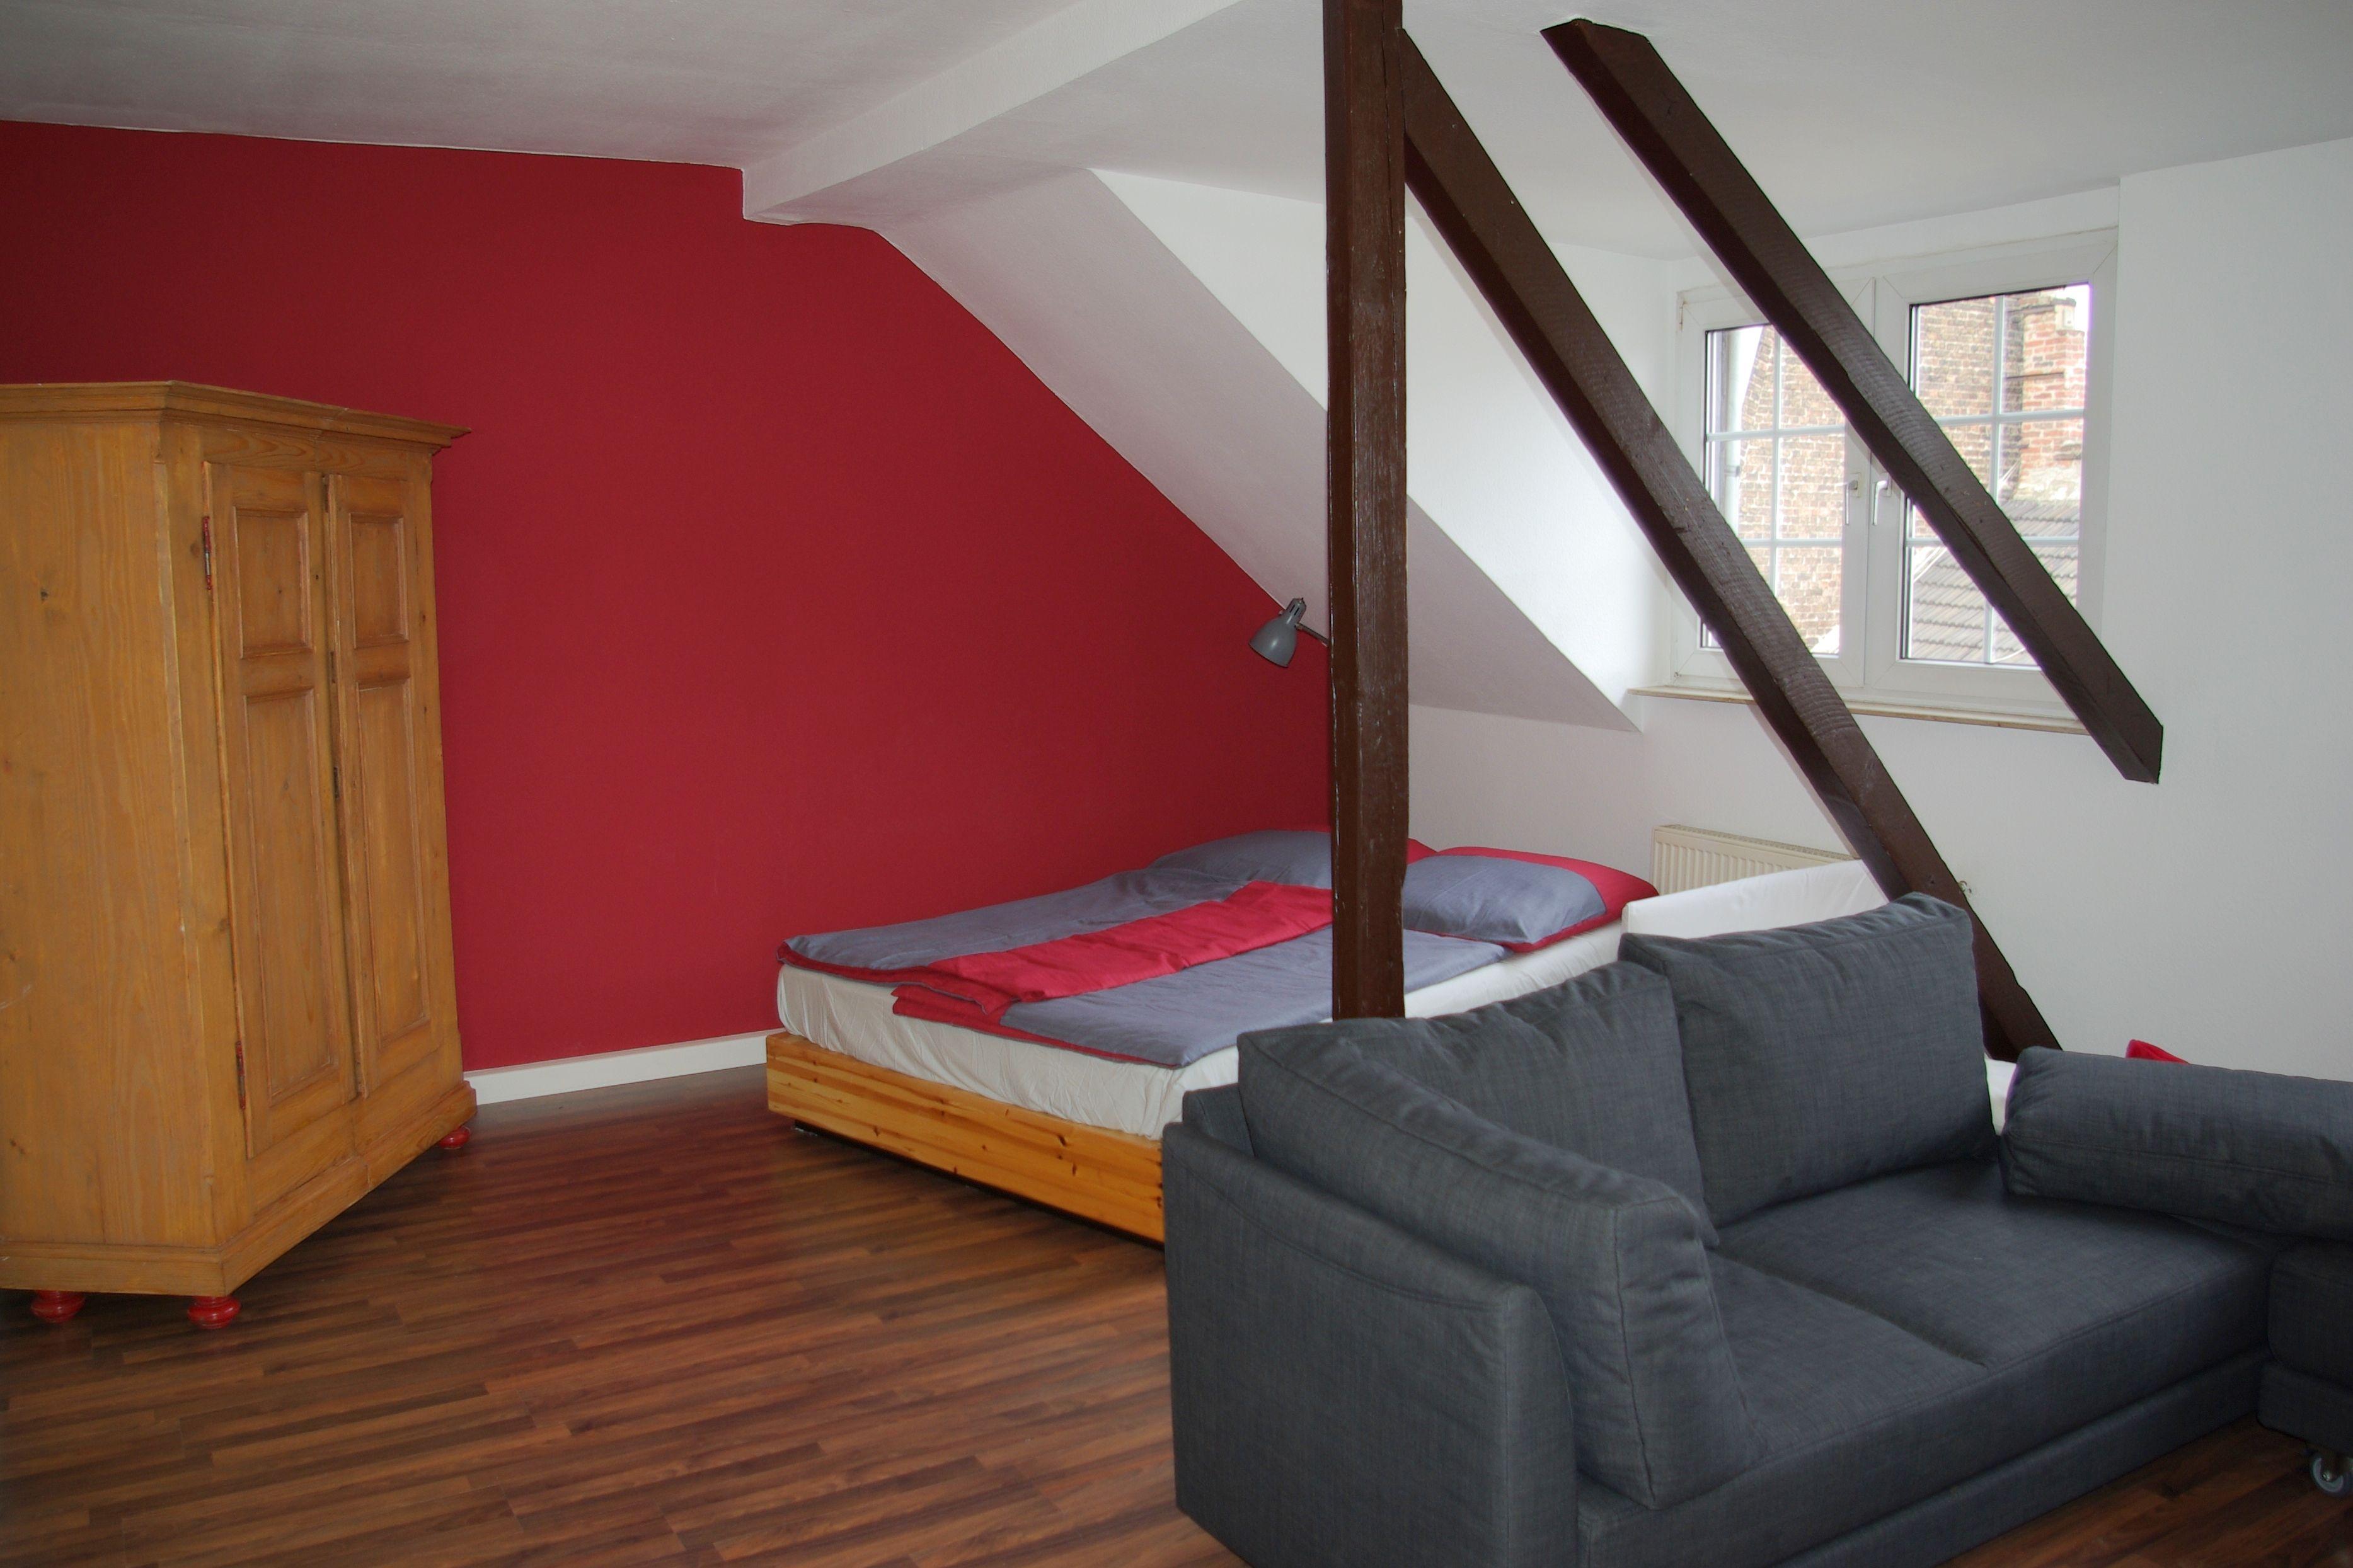 Das große Bett im Wohn und Schlafraum kann abgetrennt